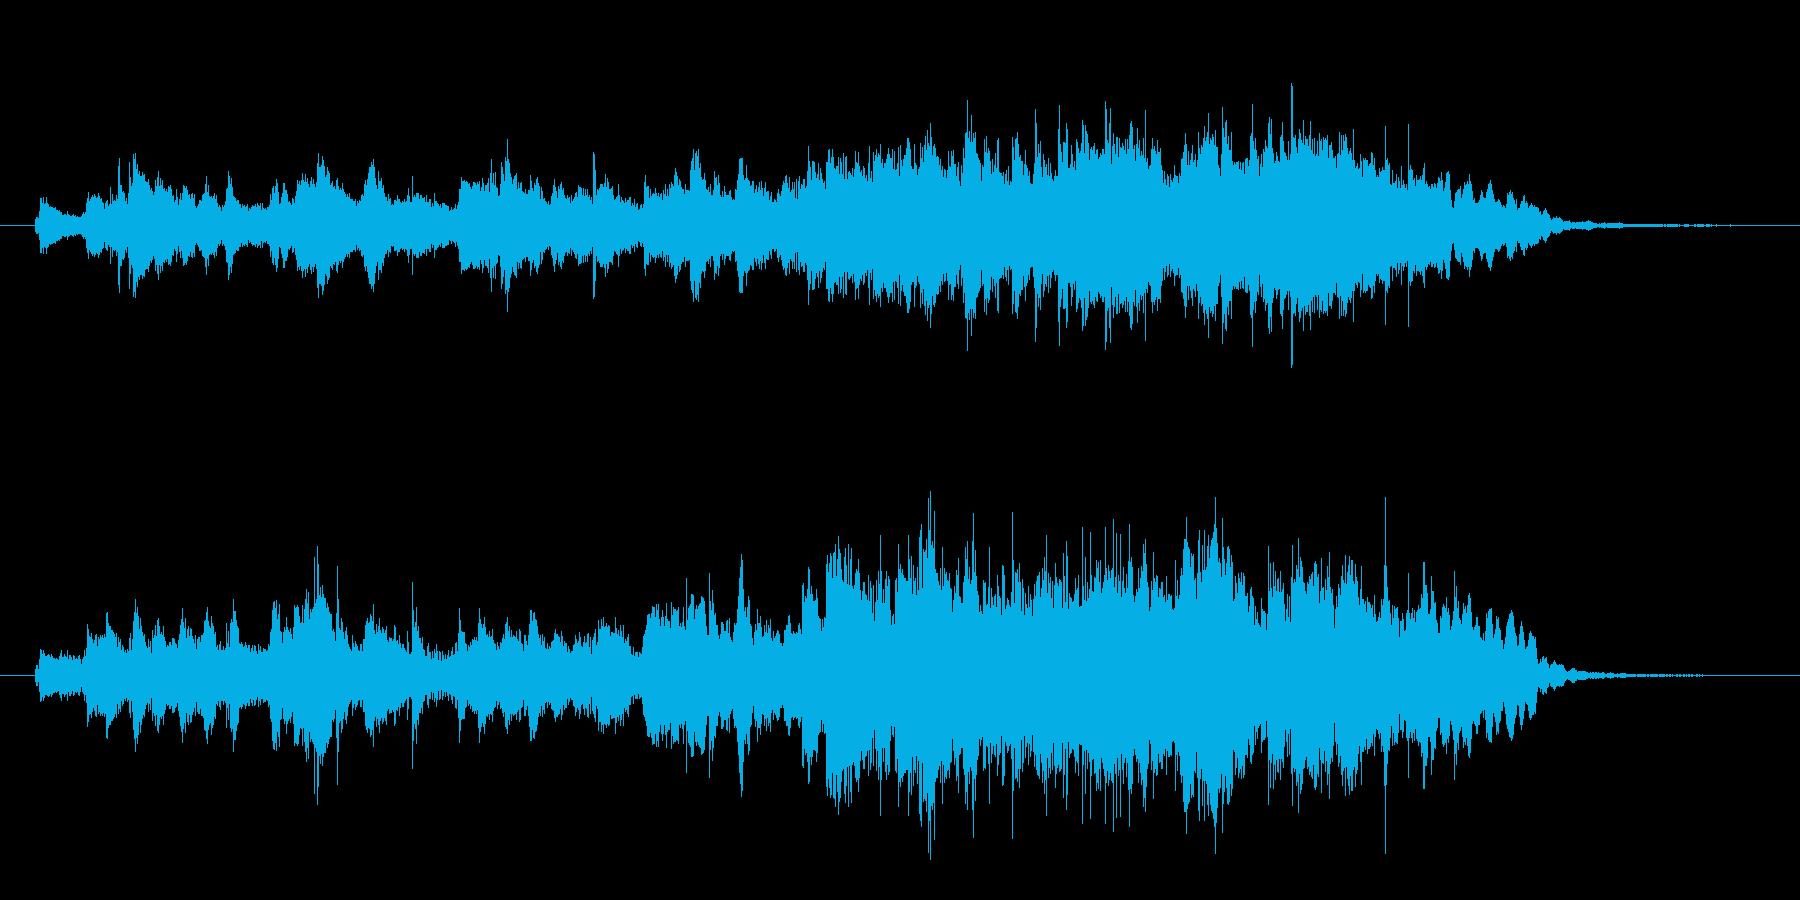 CMに 和風 箏2面の優雅で華やかな音楽の再生済みの波形